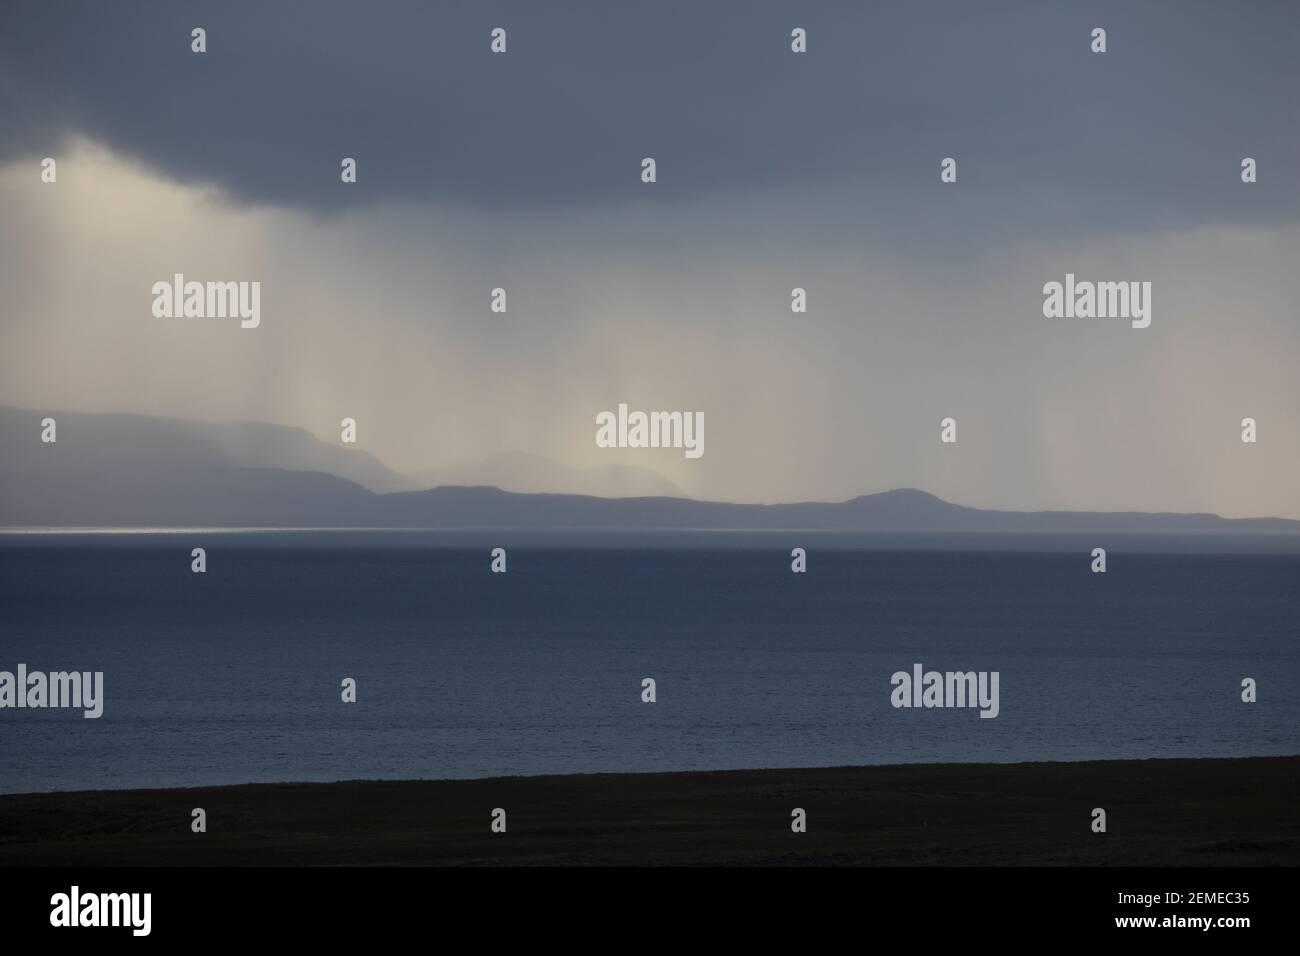 Regen über dem Meer, Unwetter, Wetter, Sonnenstrahlen, Wolkenhimmel, Regenschauer, Schauer, Wolken, Wolke, Regenwolke, Regenwolken, Regenfront, Unwett Banque D'Images